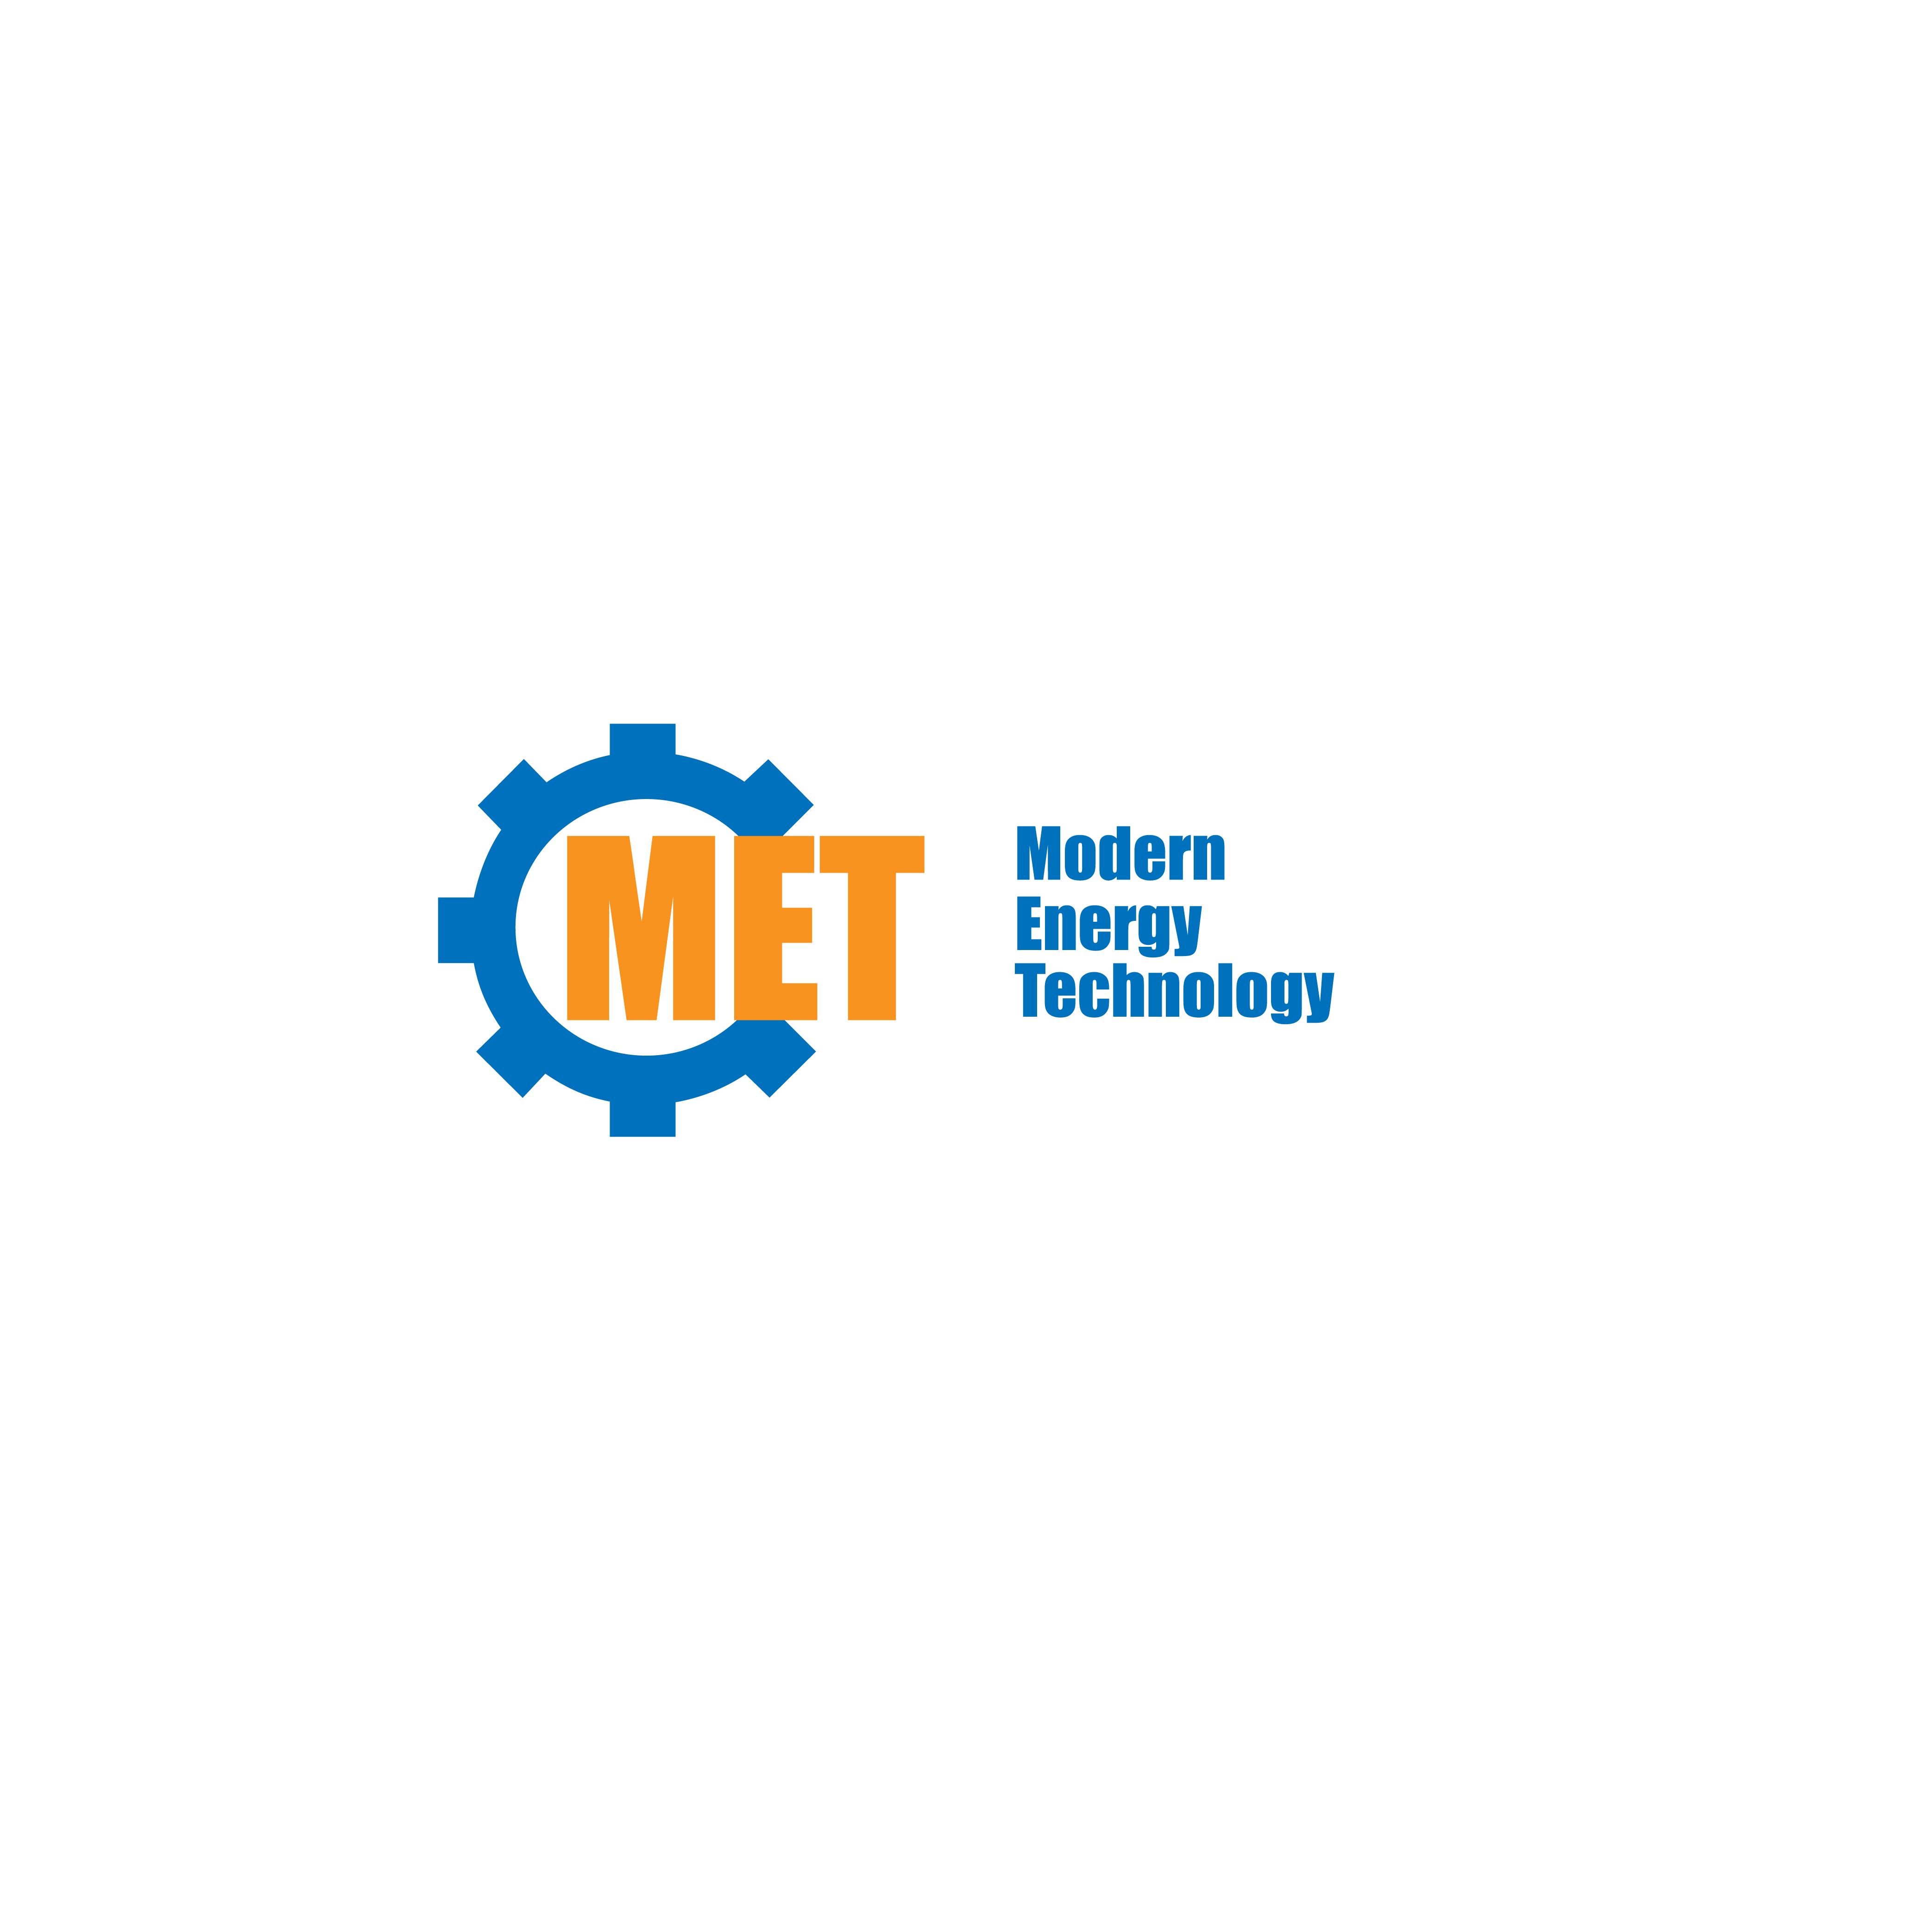 Срочно! Дизайн логотипа ООО «СЭТ» фото f_6365d4eb5e7cfd3d.jpg